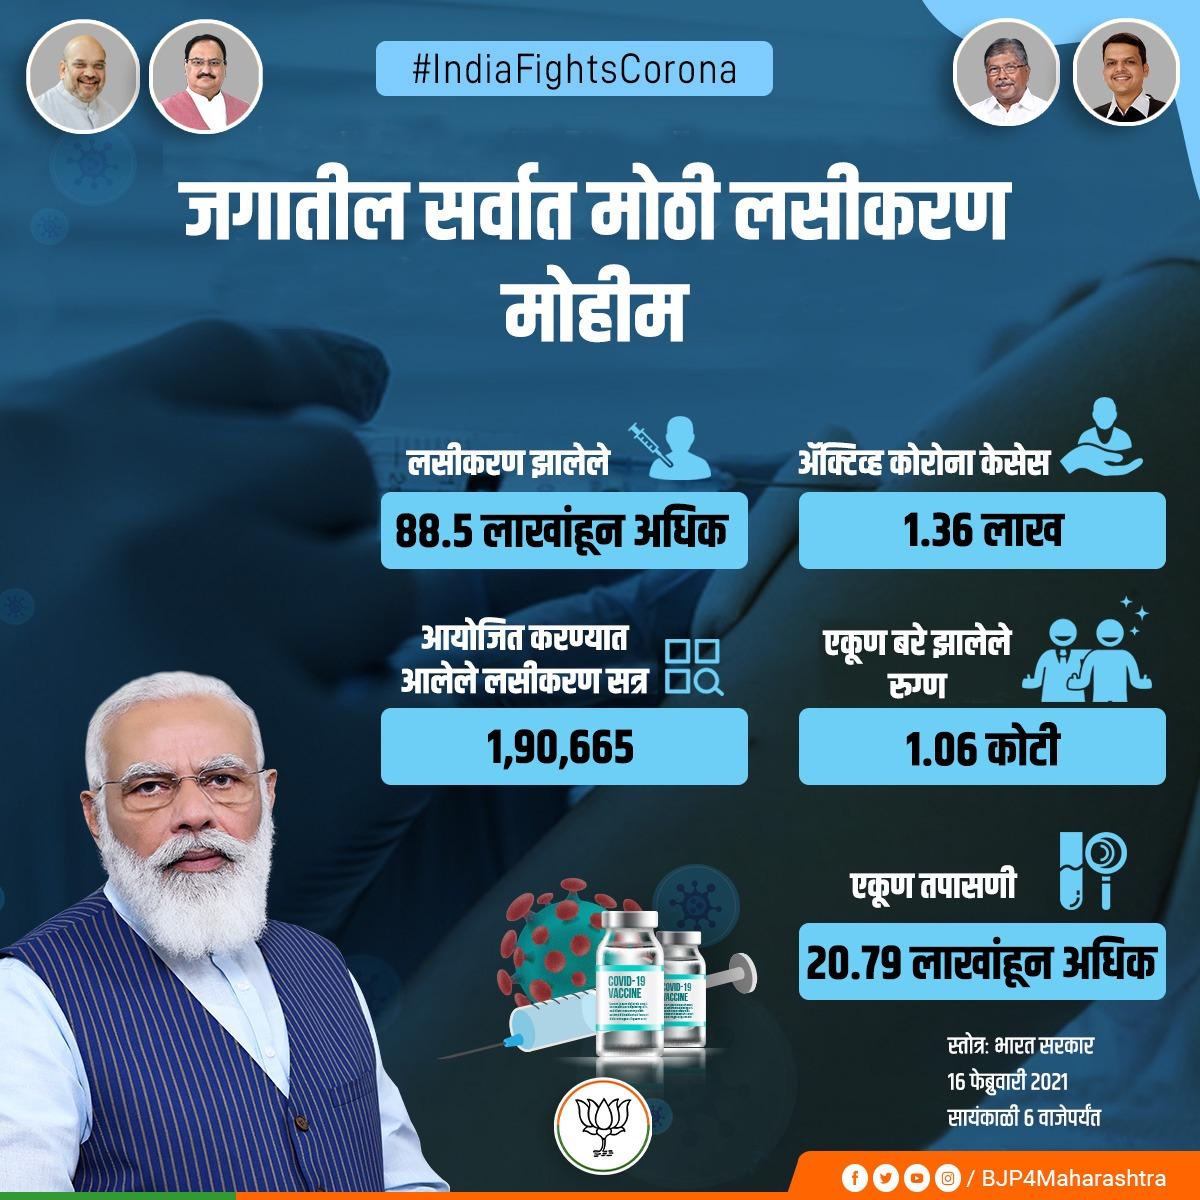 देशात जगातील सर्वात मोठे लसीकरण अभियान सुरु असून आतापर्यंत ८८.५ लाखांहून अधिक नागरिकांचे लसीकरण झाले आहे. यामध्ये महाराष्ट्रातील एकूण ७,८१,८०० नागरिकांचे लसीकरण झाले आहे. #IndiaFightsCorona